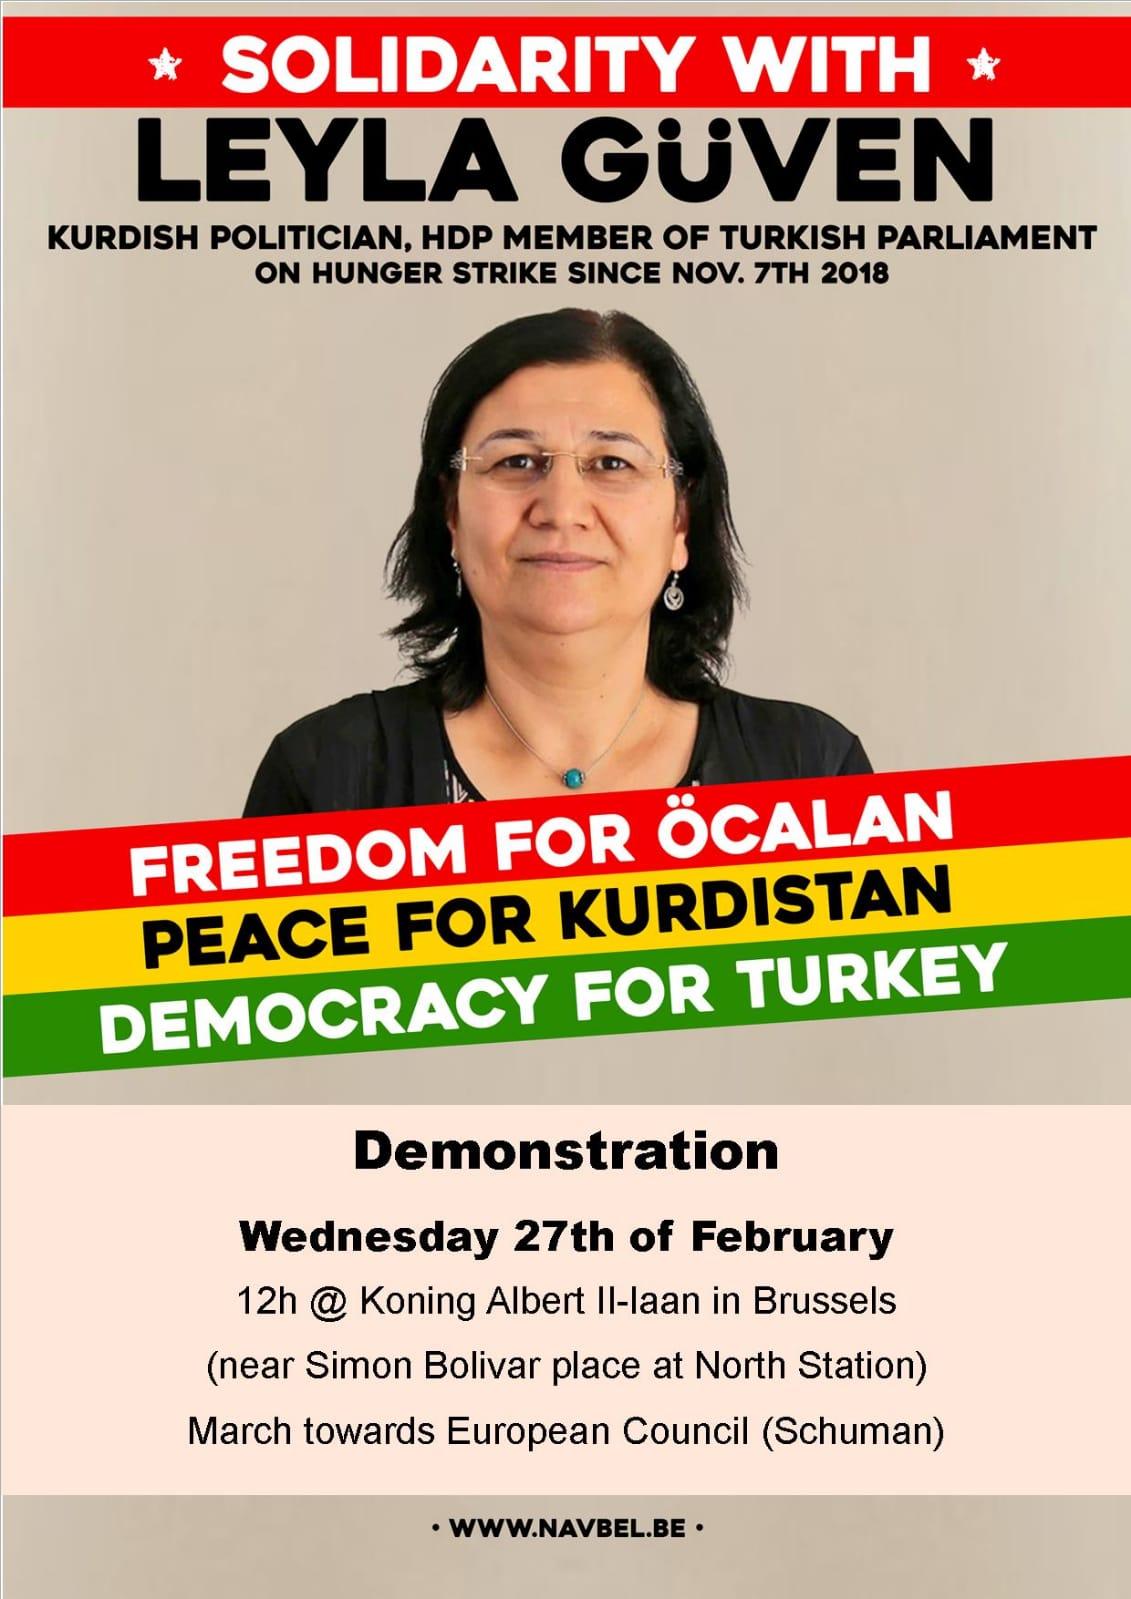 Manifestation de soutien à Leyla Güven et aux grévistes de la faim, mercredi 27 février 2019